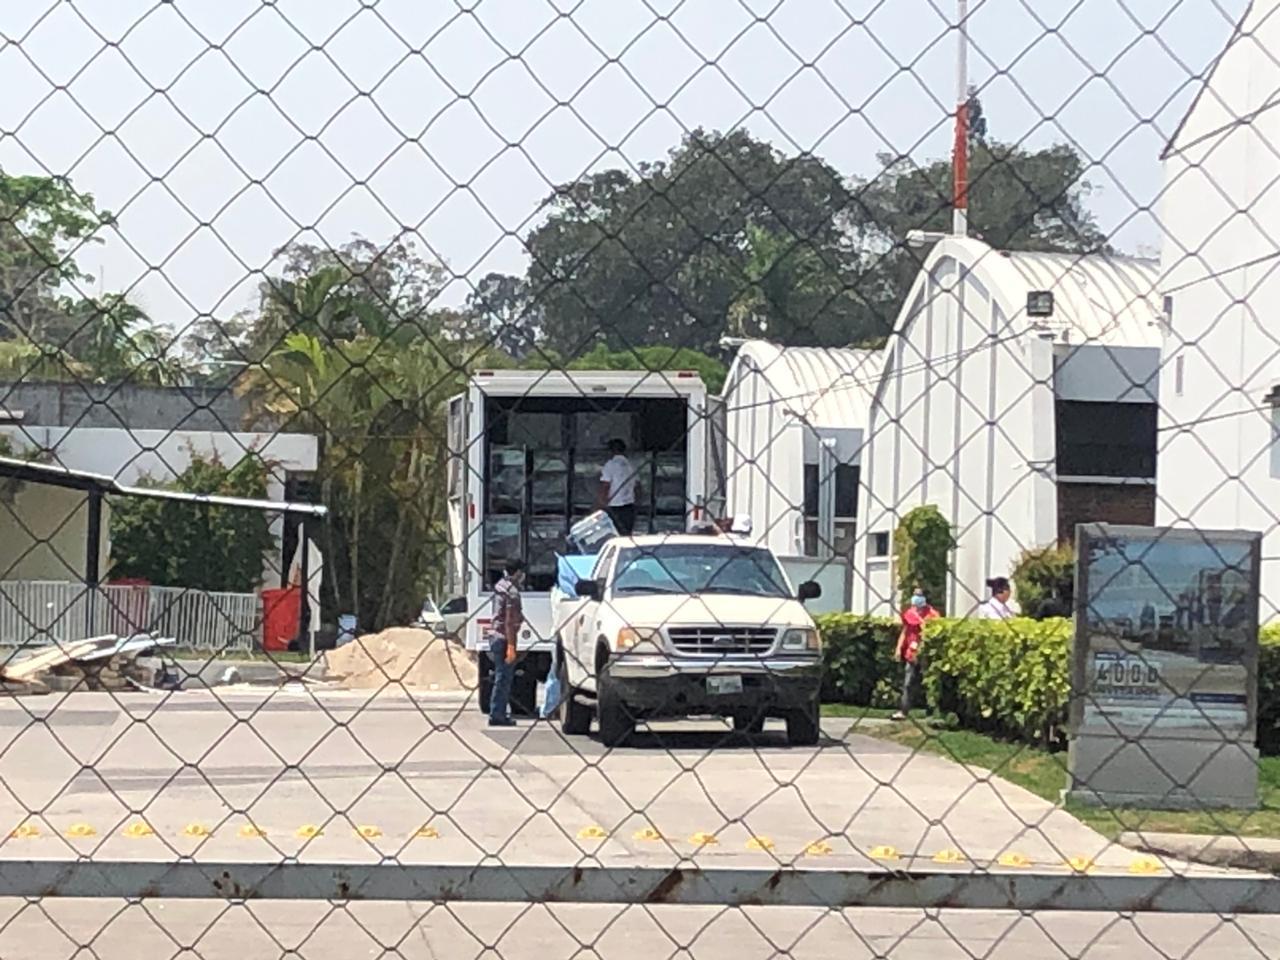 """Viceministro de Salud: """"Los médicos están creando conflictos"""", sobre hospital del Parque de la Industria"""